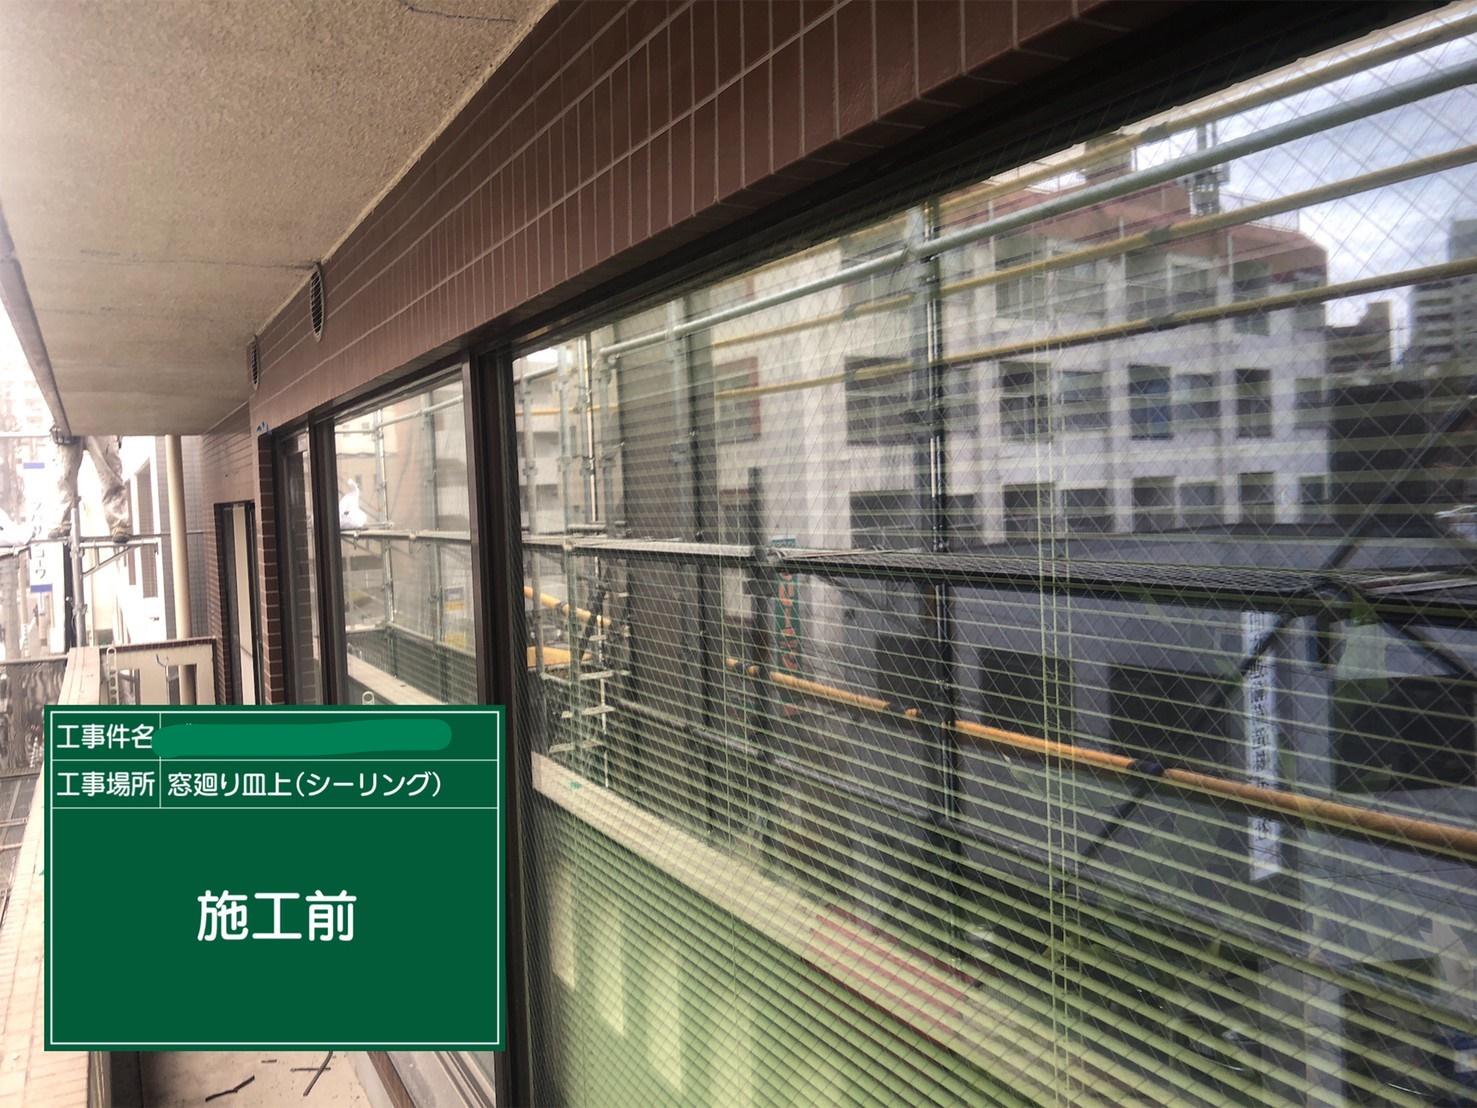 【窓廻り皿上】①施工前